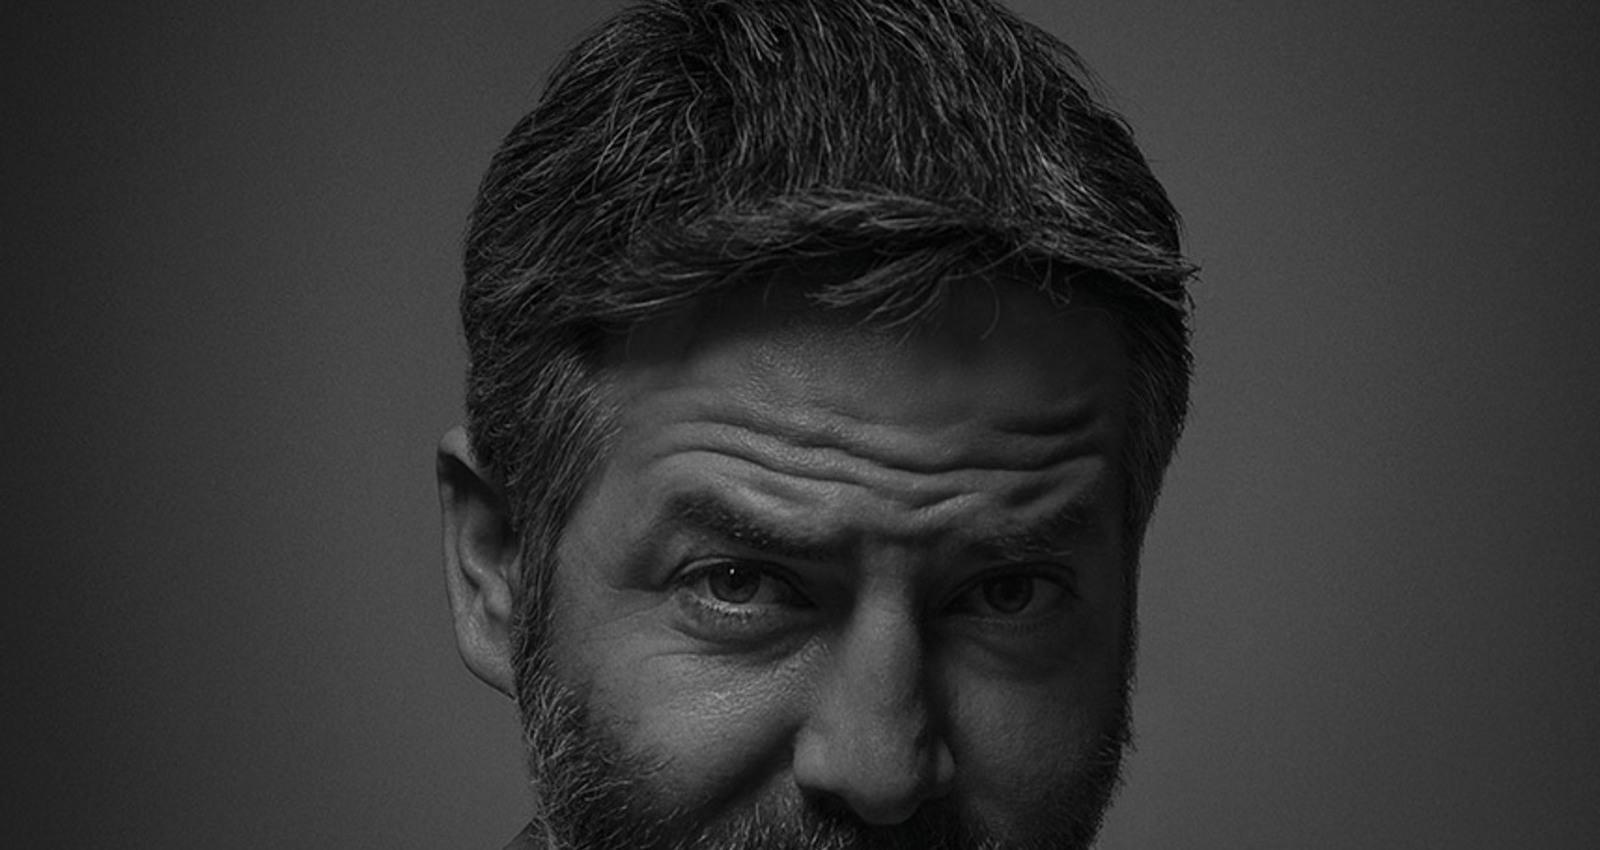 Celebs - George Clooney